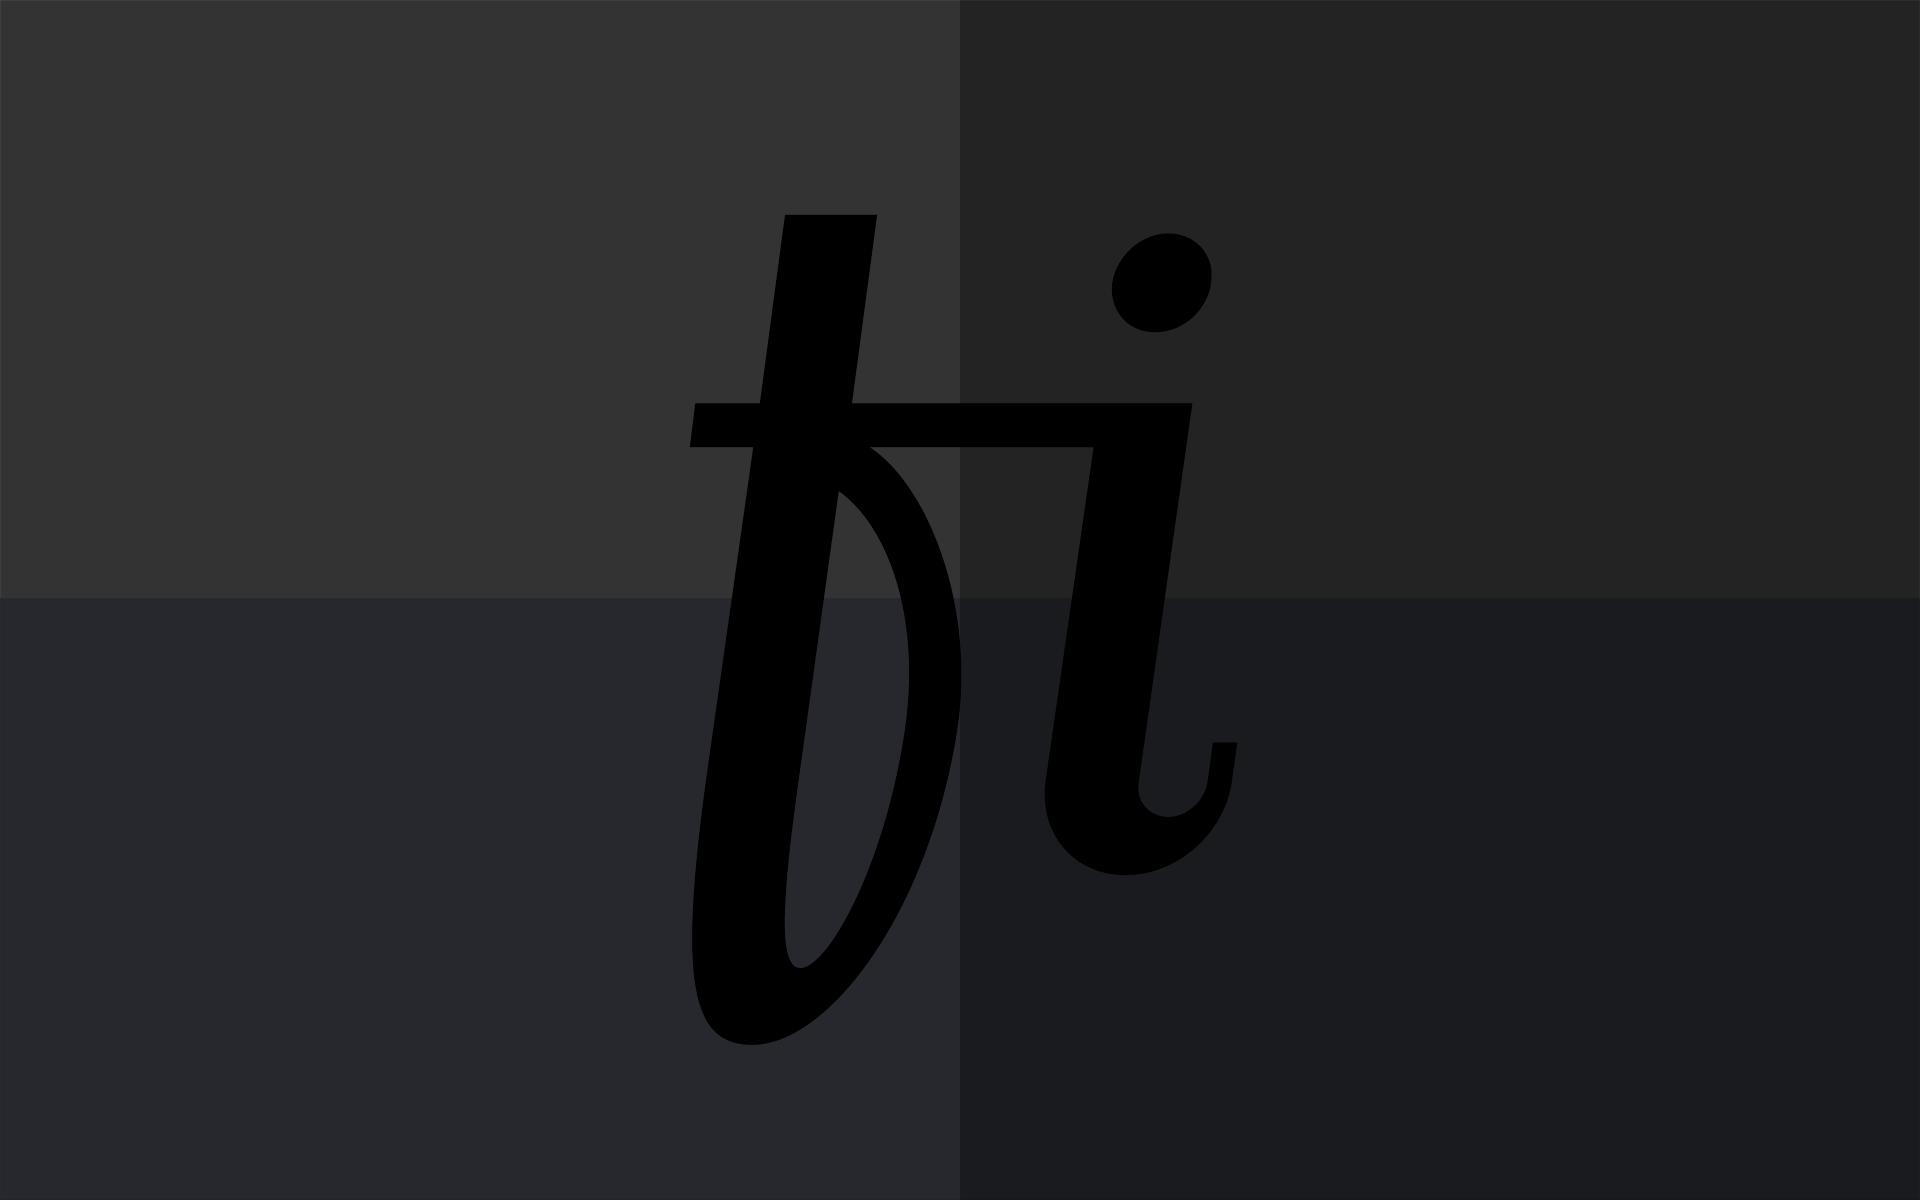 Logos und Wortbildmarken von Wolfgang Beinert, Grafikdesigner und Typograf, für unterschiedliche Auftraggeber.